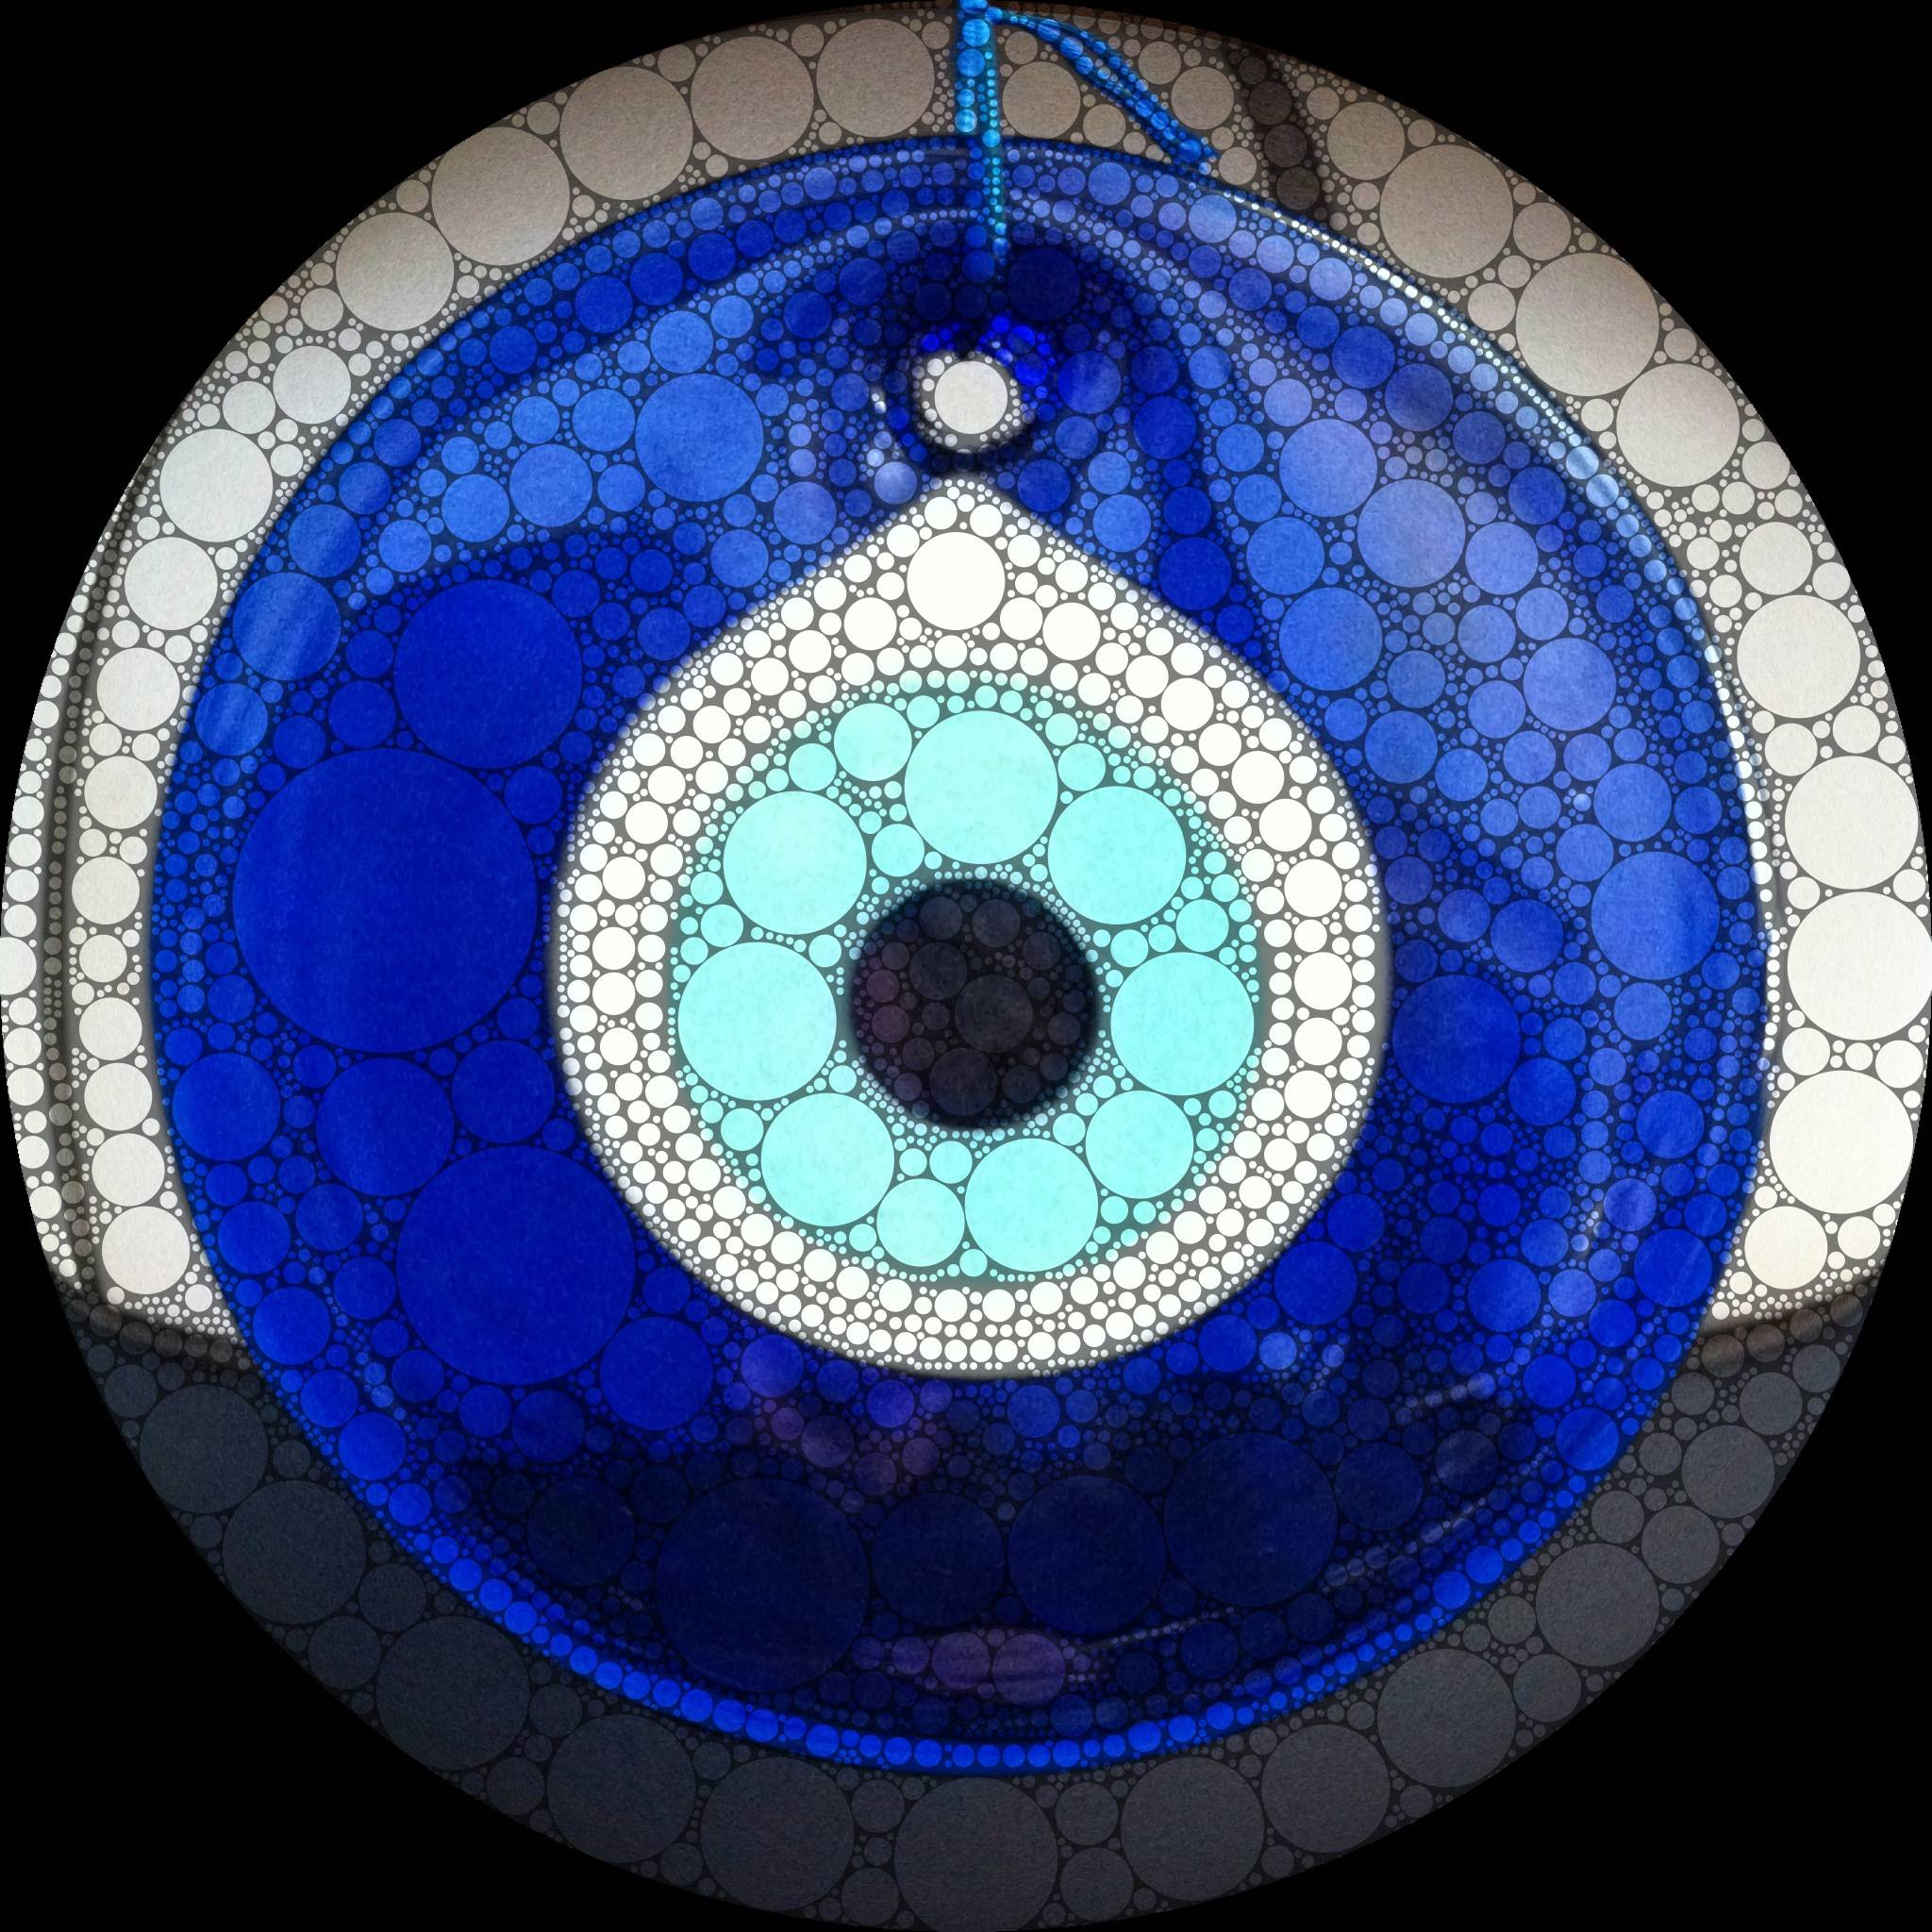 Wallpapers For Blue Evil Eye Wallpaper 2048x2048